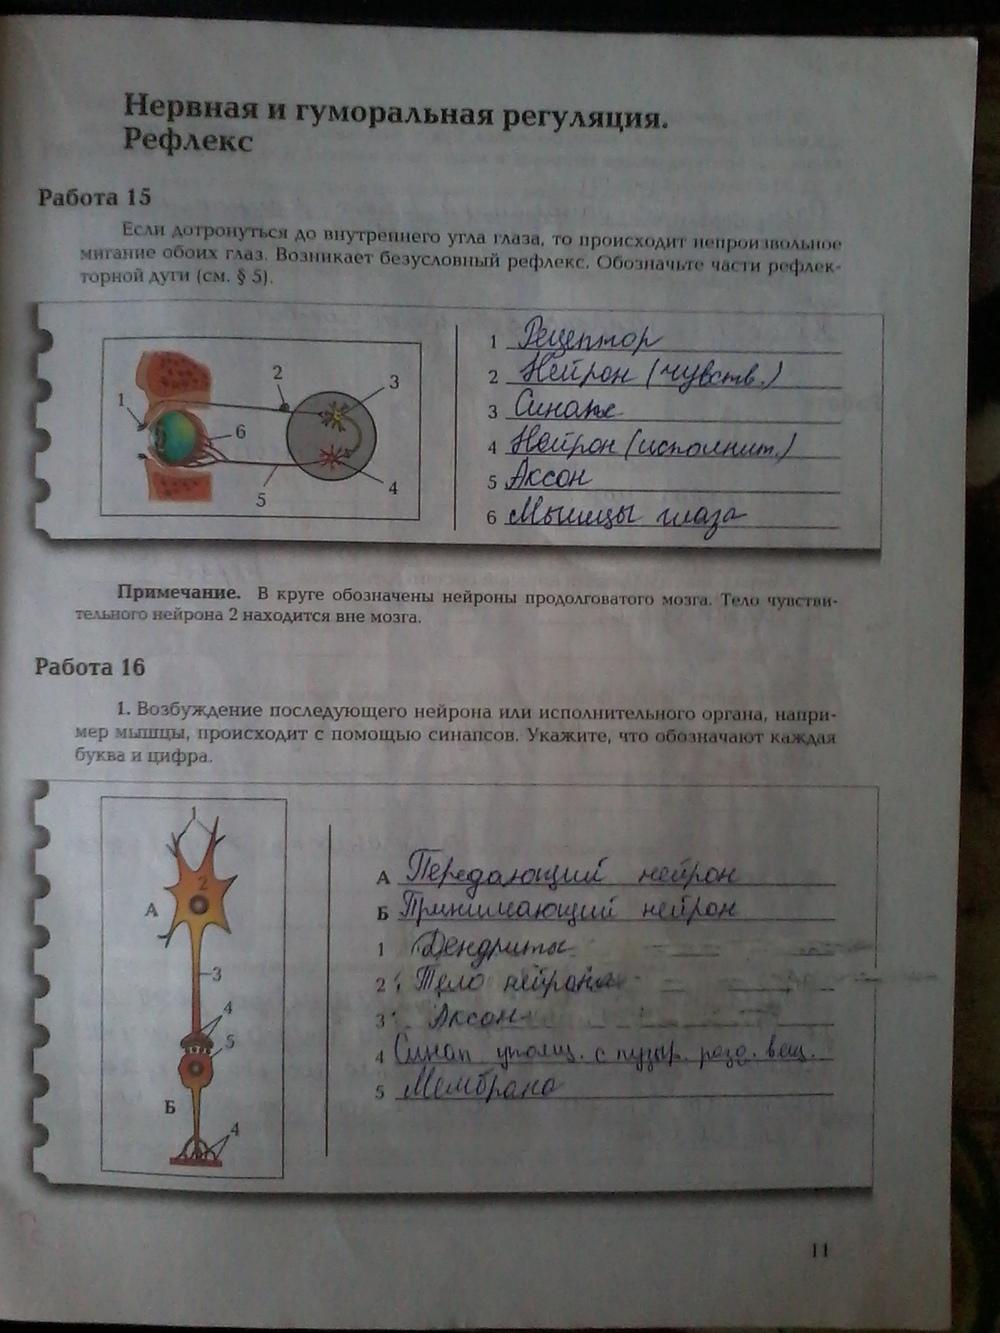 Рабочая тетрадь 1 по биологии 8 класс ответы маш драгомилов